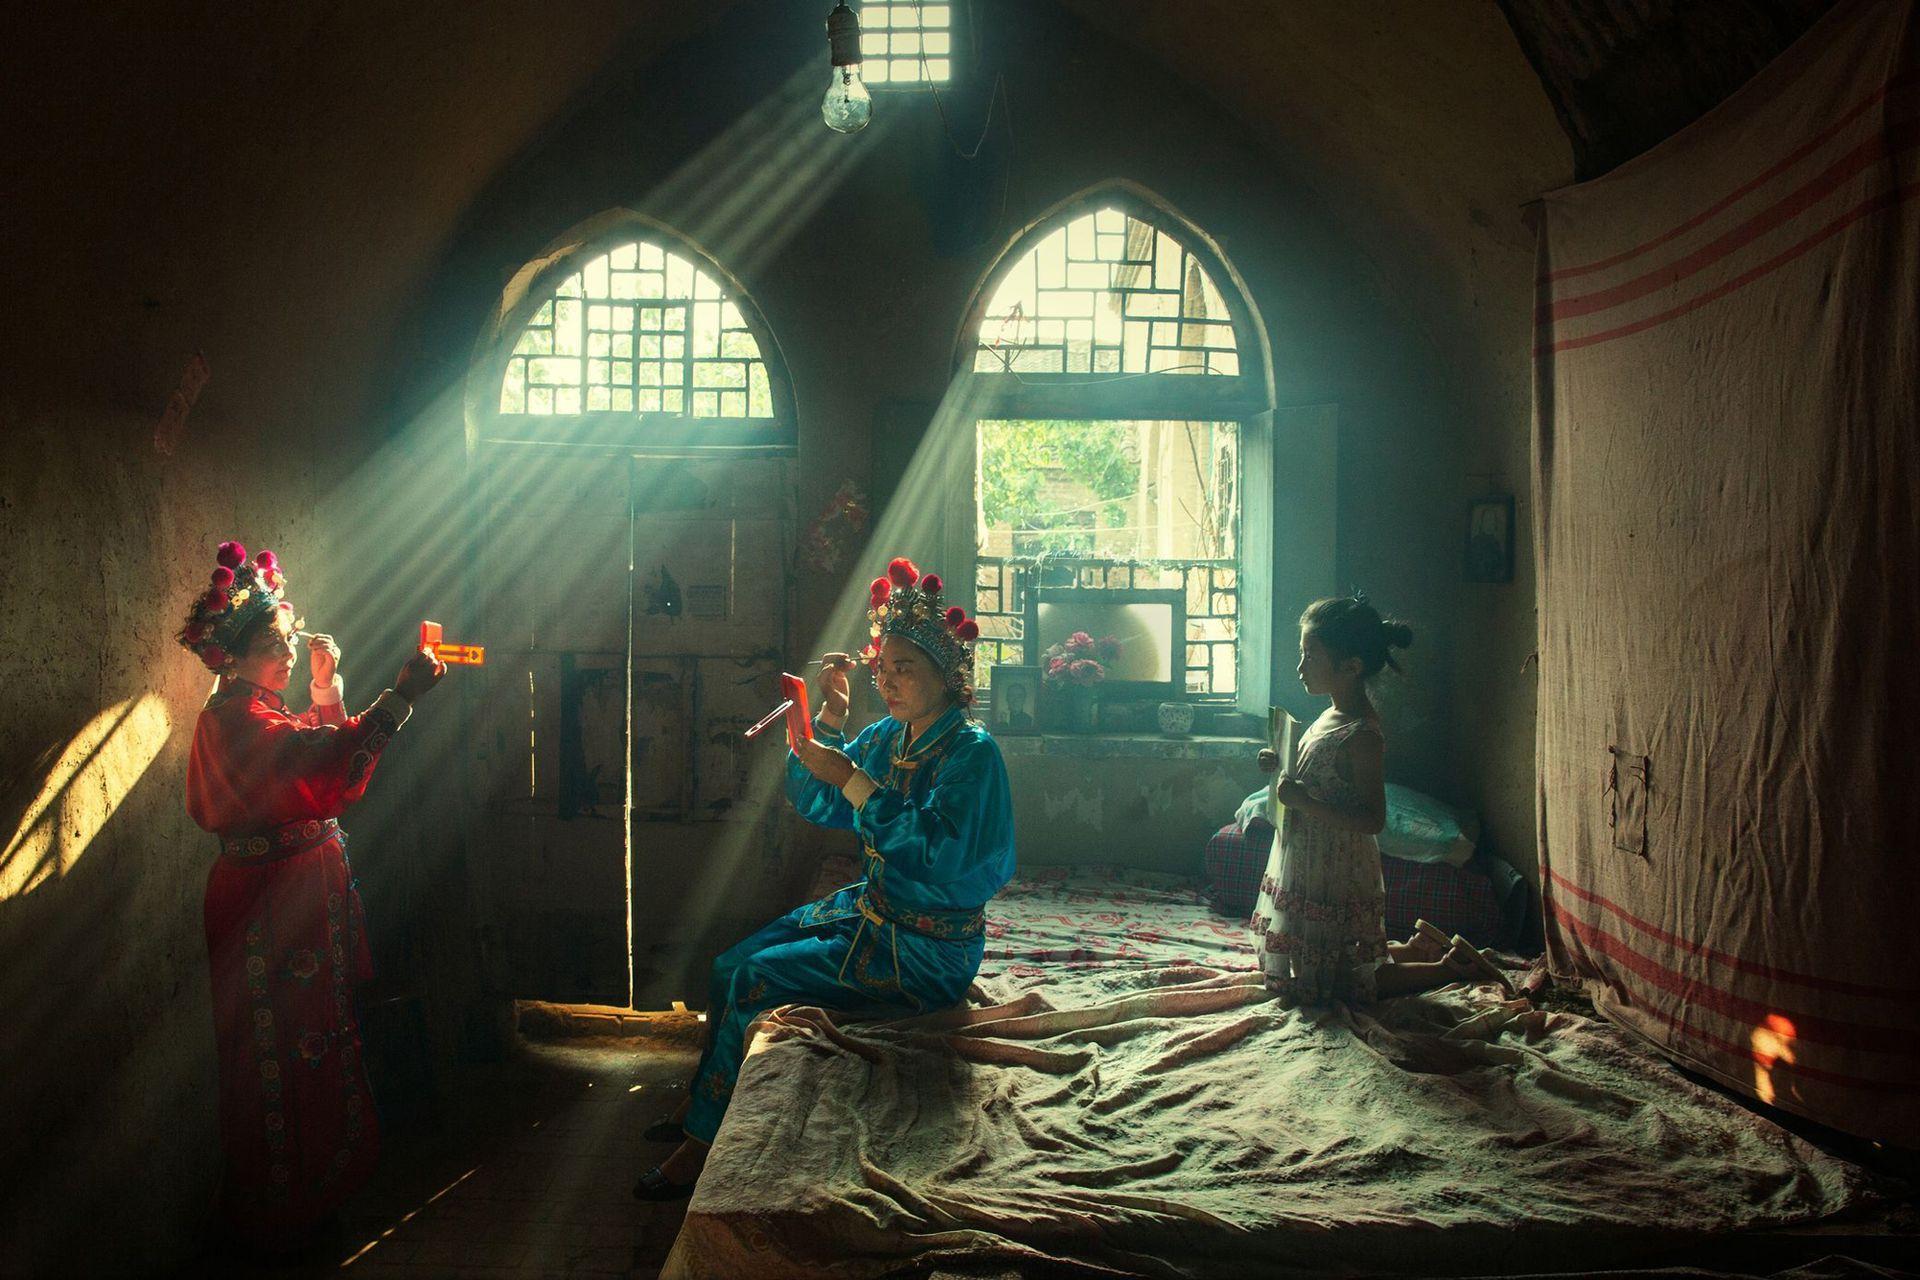 Primer lugar, categoría Personas, la imagen es de Huaifeng Li, actores se preparan para una ópera vespertina en el condado de Licheng, China